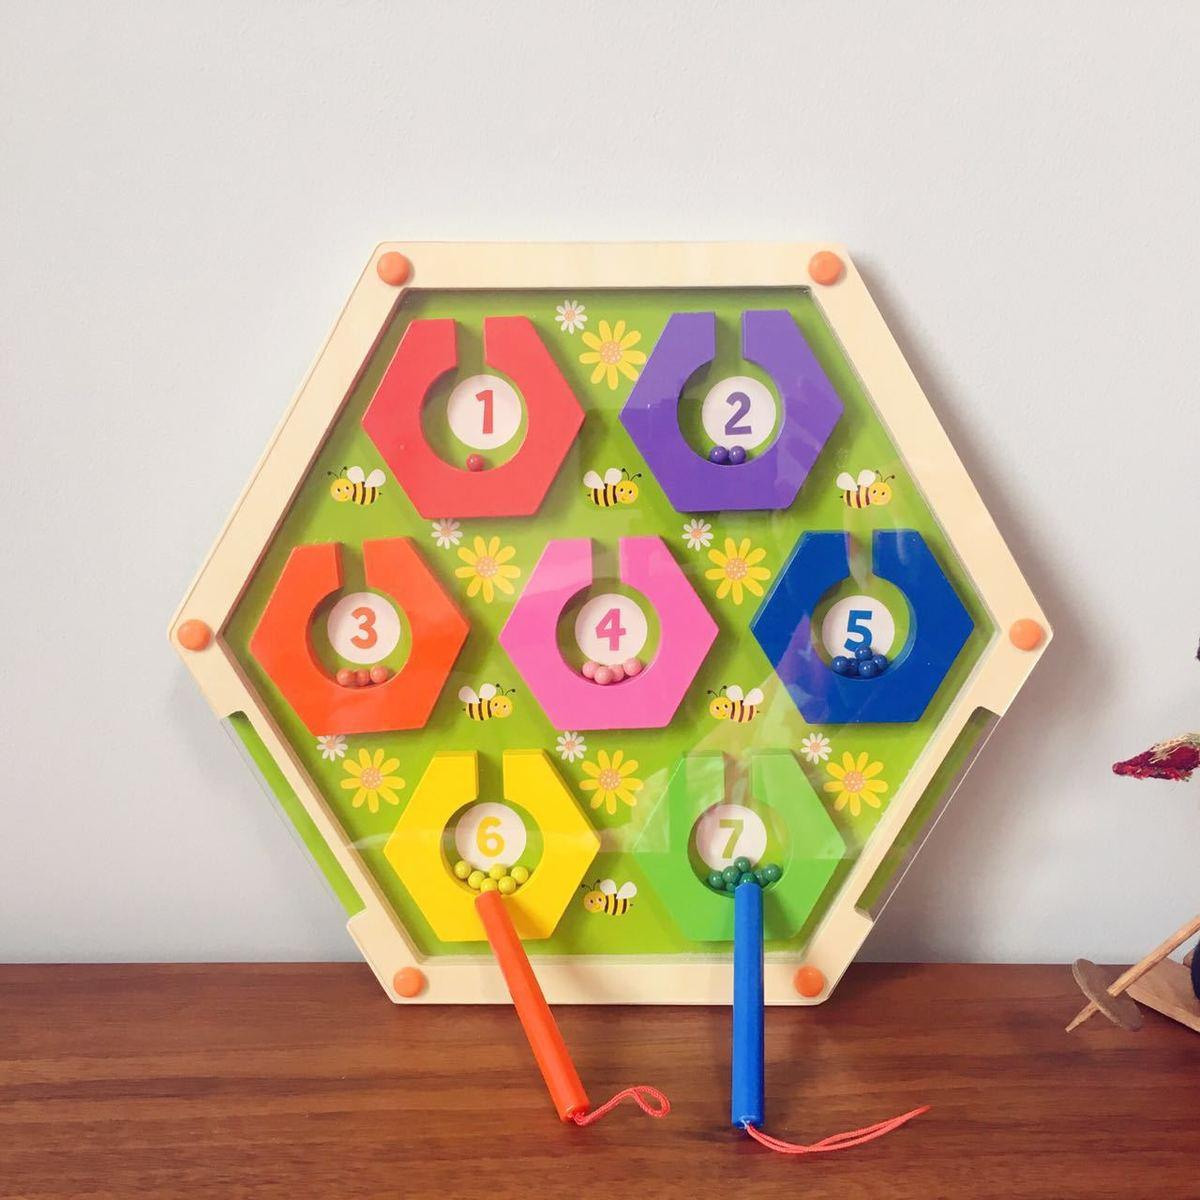 Деревянный лабиринт Монтессори игрушки для мальчиков девочек раннего образования математика игрушка Вечерние игры с семьей